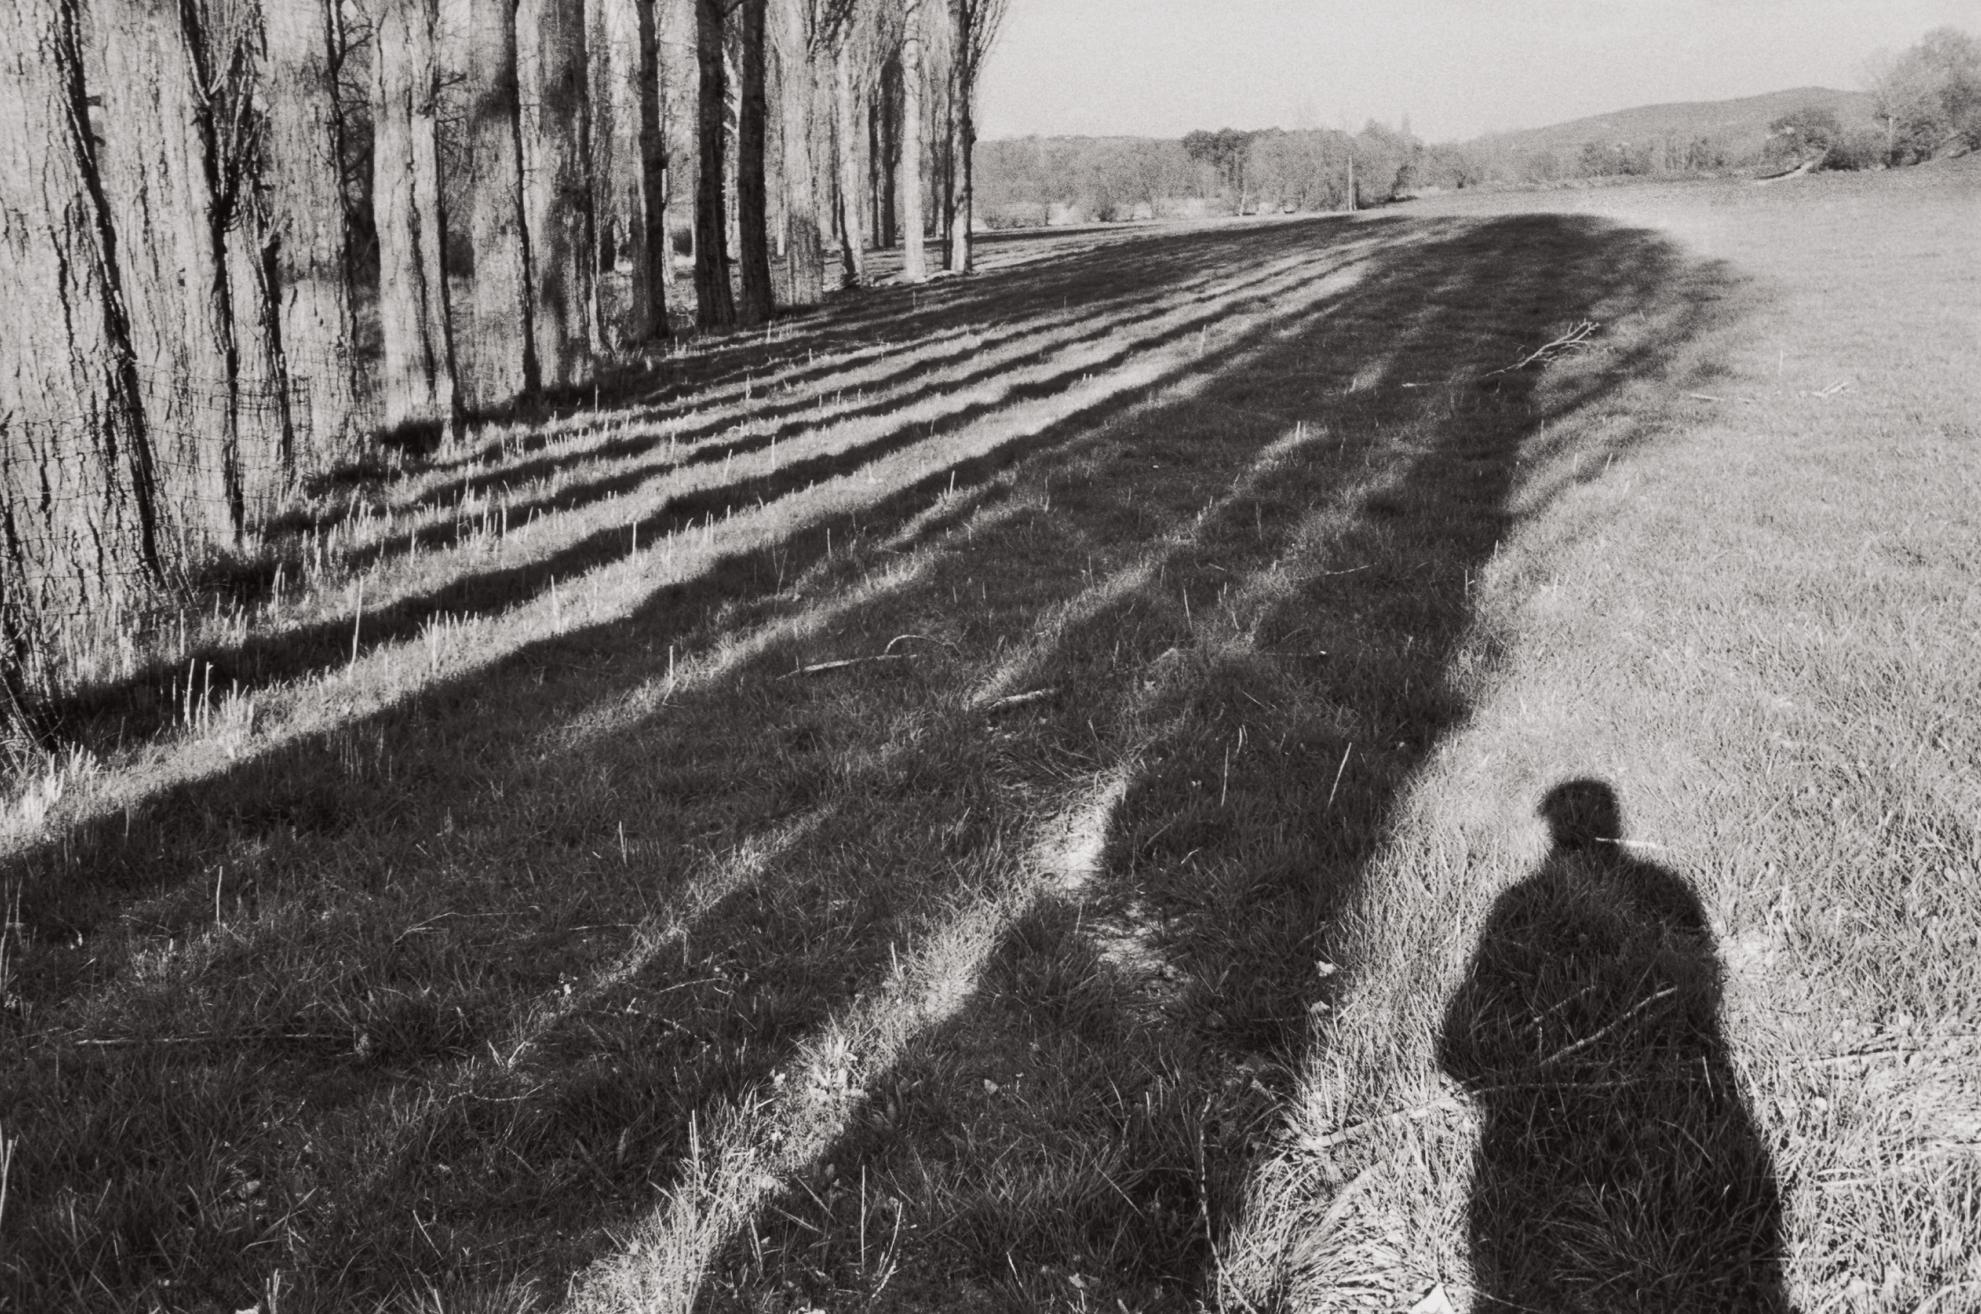 Henri Cartier-Bresson-Near Cereste, Alpes-De-Haute-Provence, France (Self-Portrait)-1999